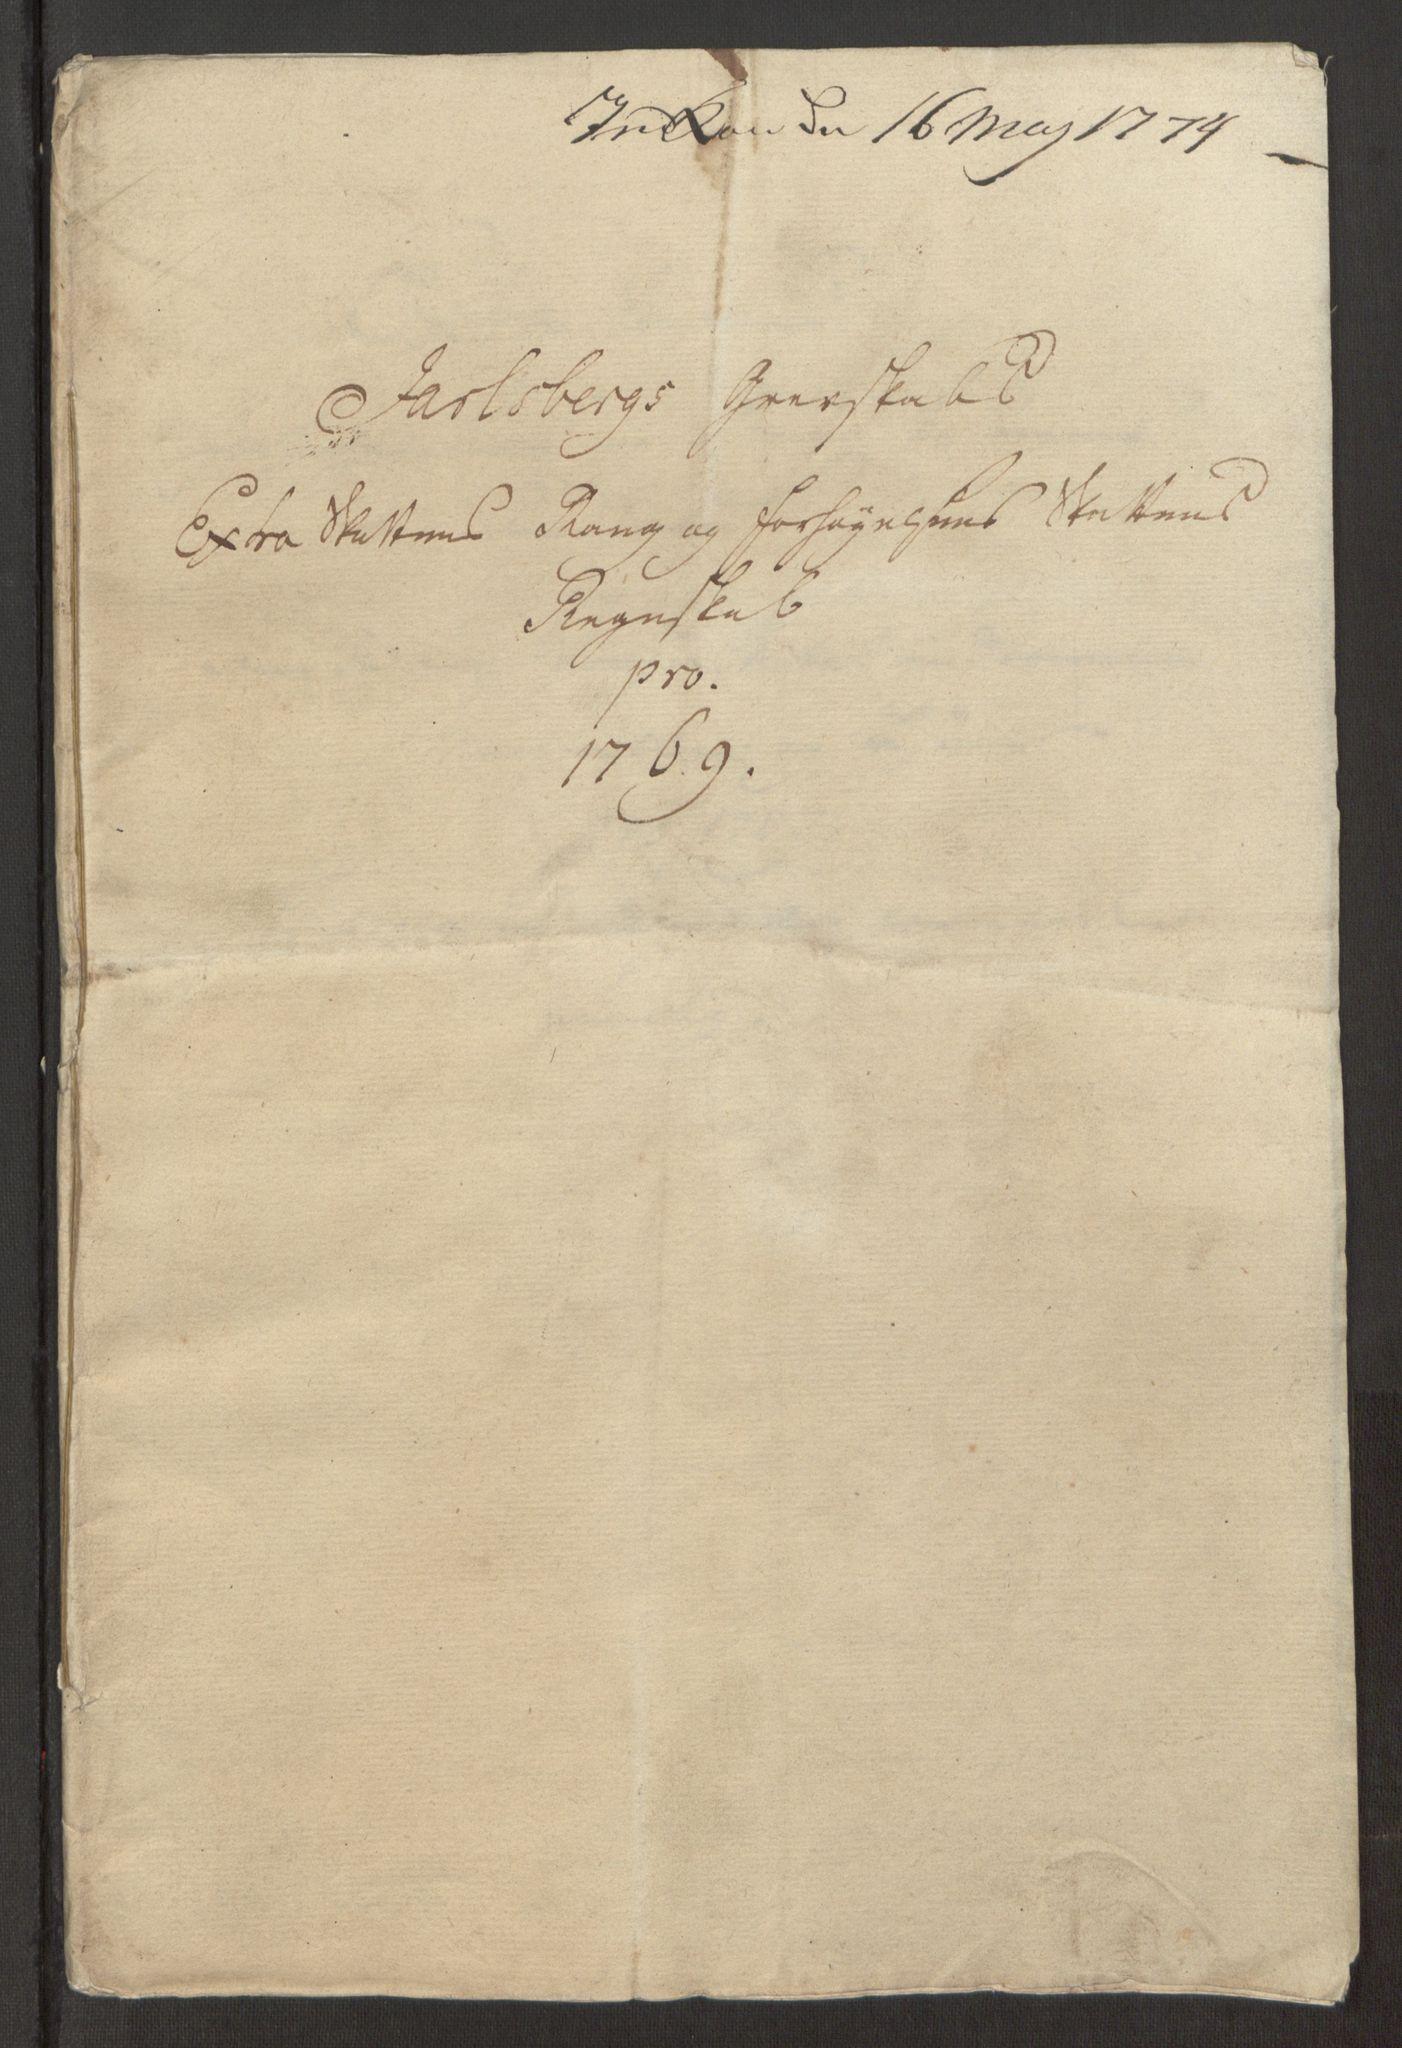 RA, Rentekammeret inntil 1814, Reviderte regnskaper, Fogderegnskap, R32/L1960: Ekstraskatten Jarlsberg grevskap, 1762-1772, s. 171